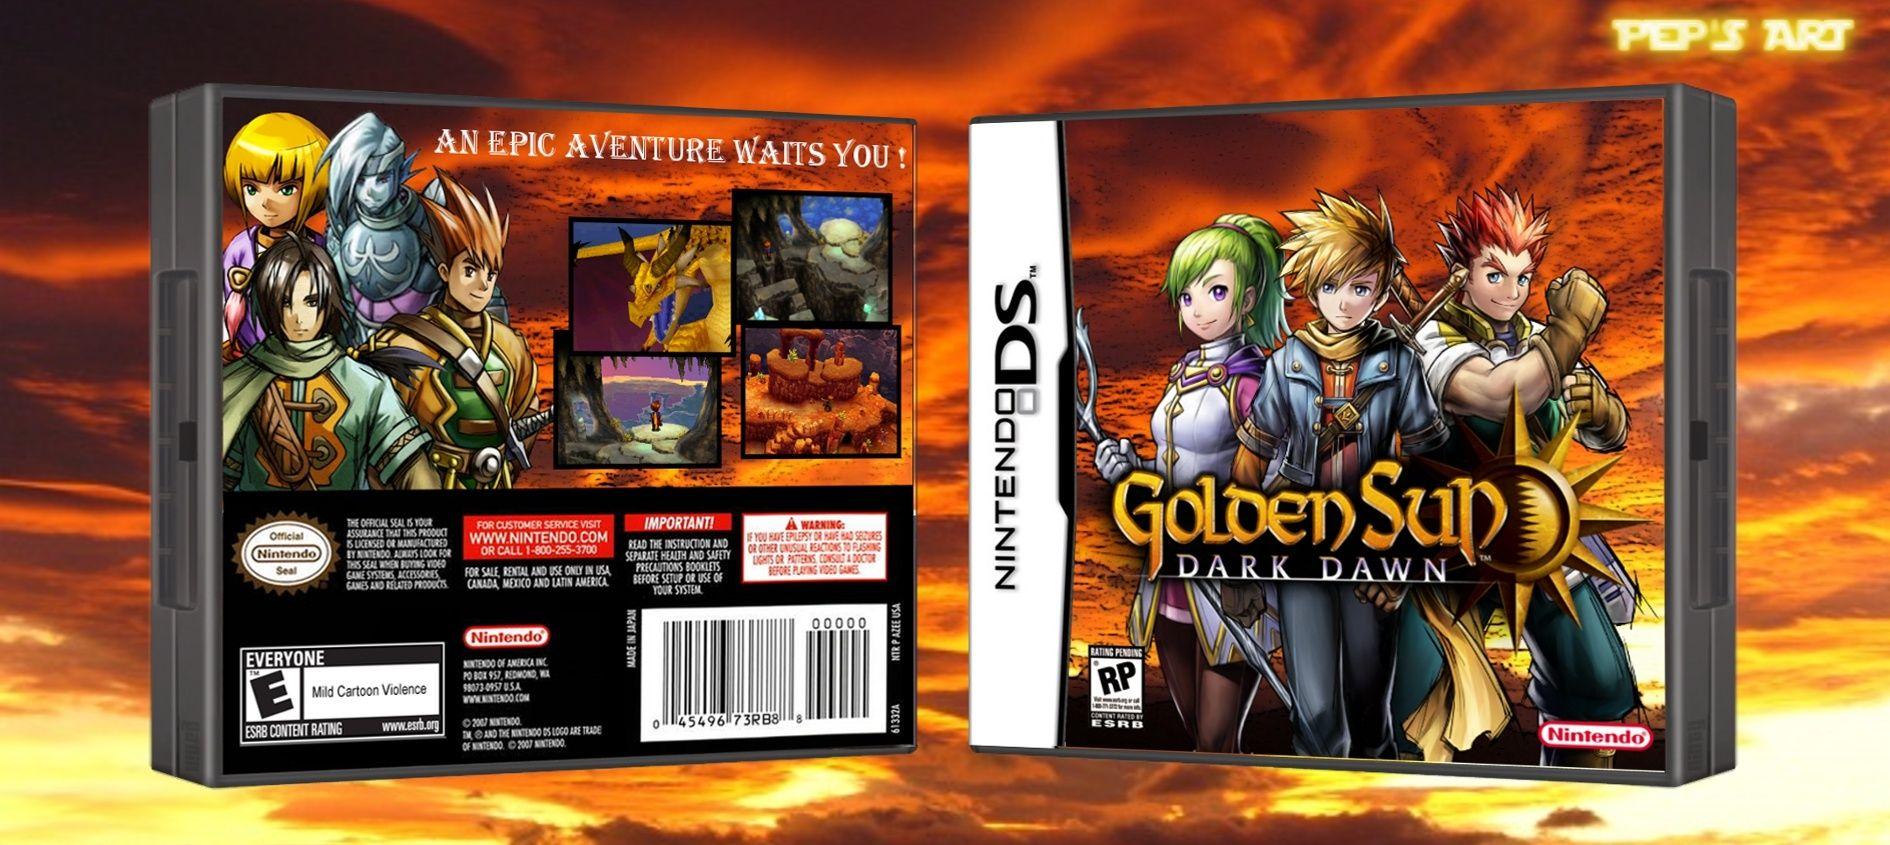 Golden Sun: Dark Dawn box art cover | Golden Sun: Dark Dawn